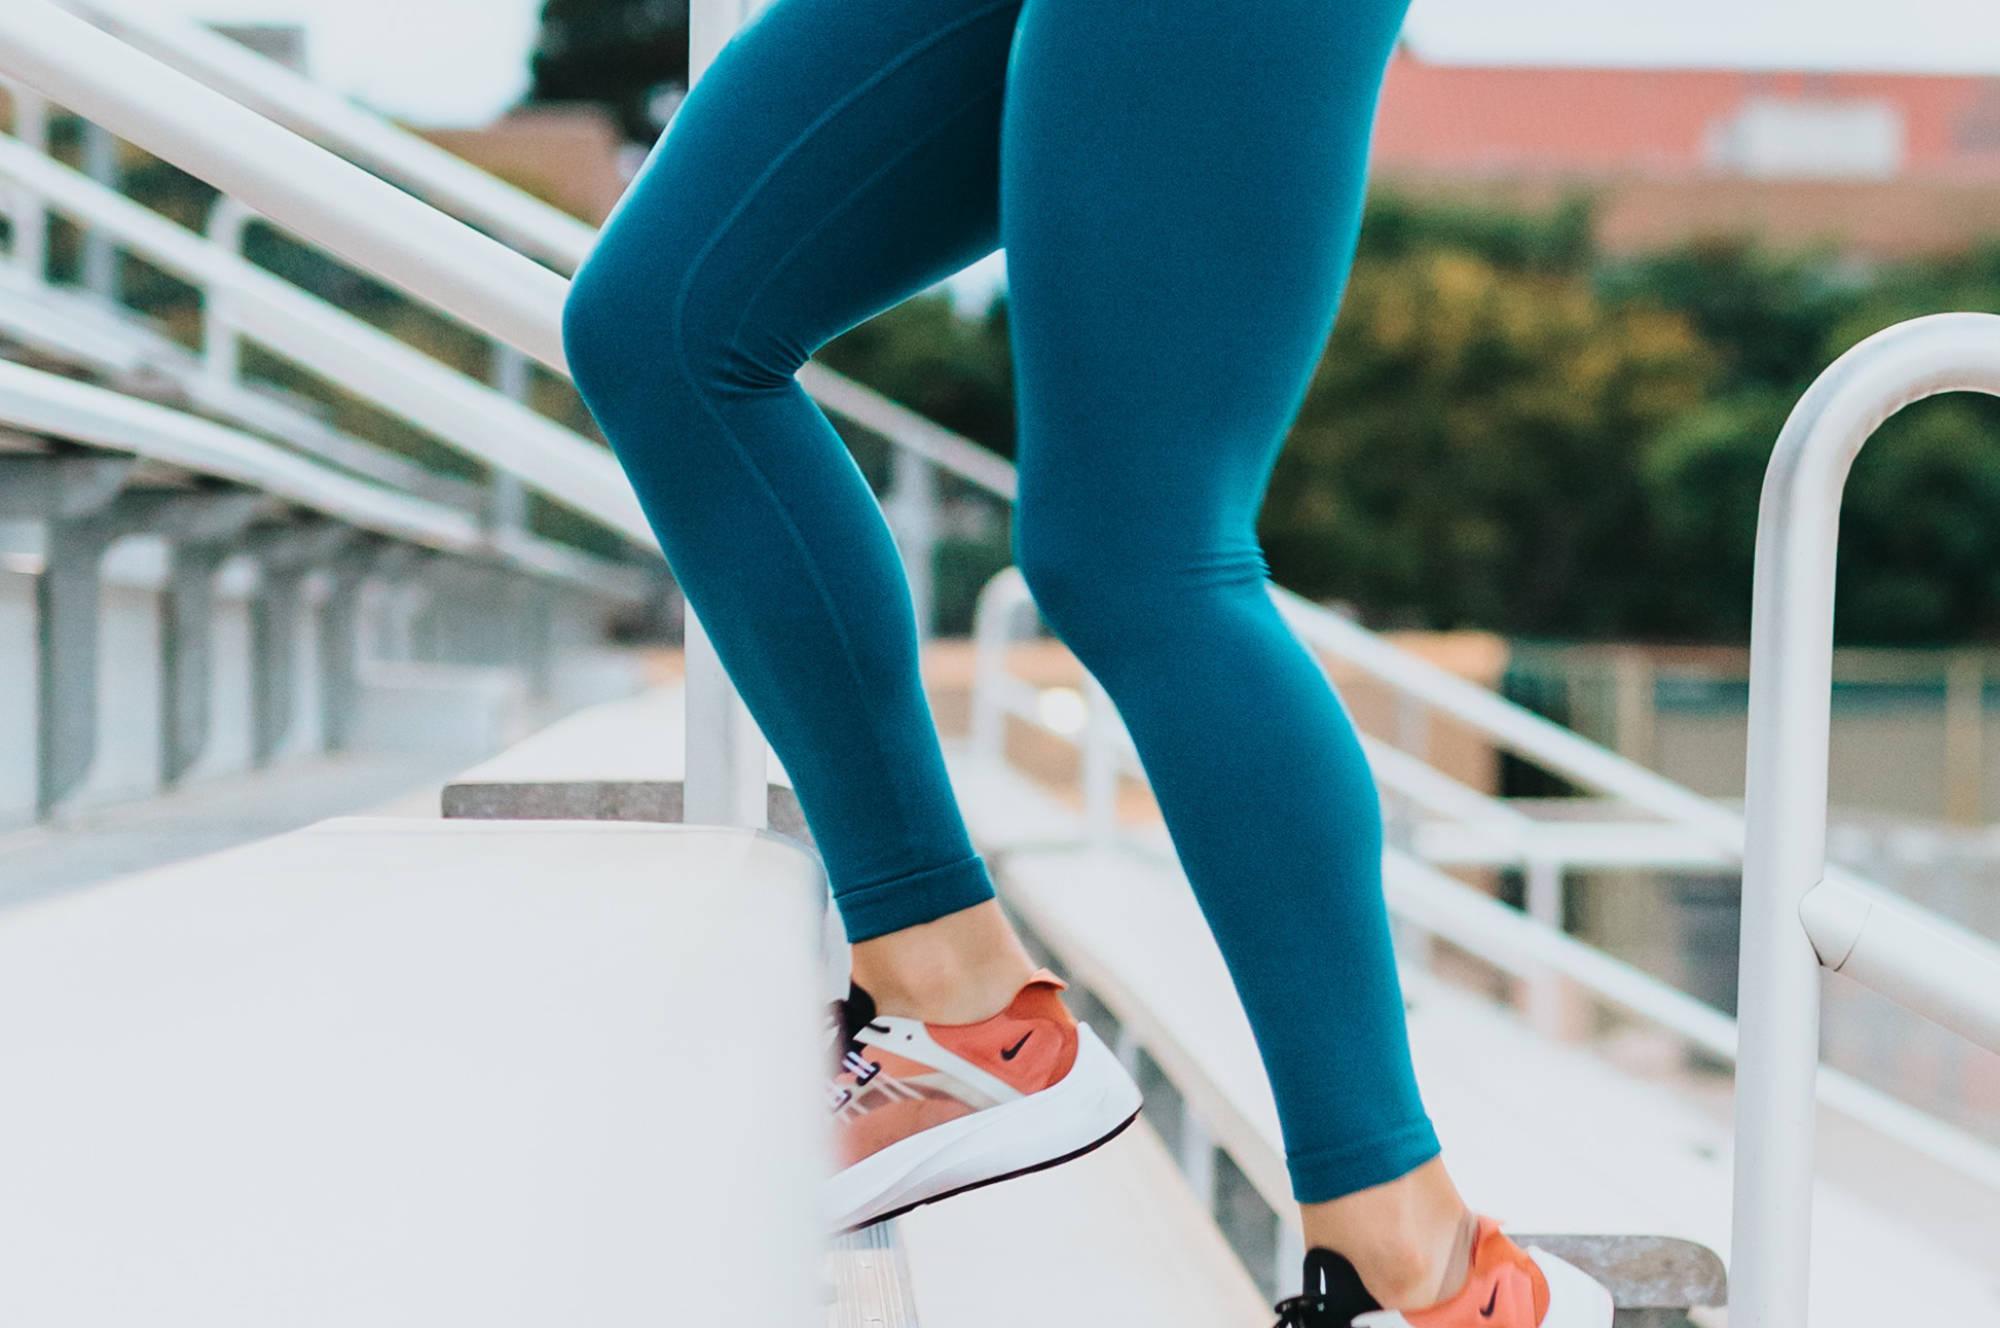 Pourquoi les exercices d'aérobie réguliers améliorent nos capacités de réflexion ?